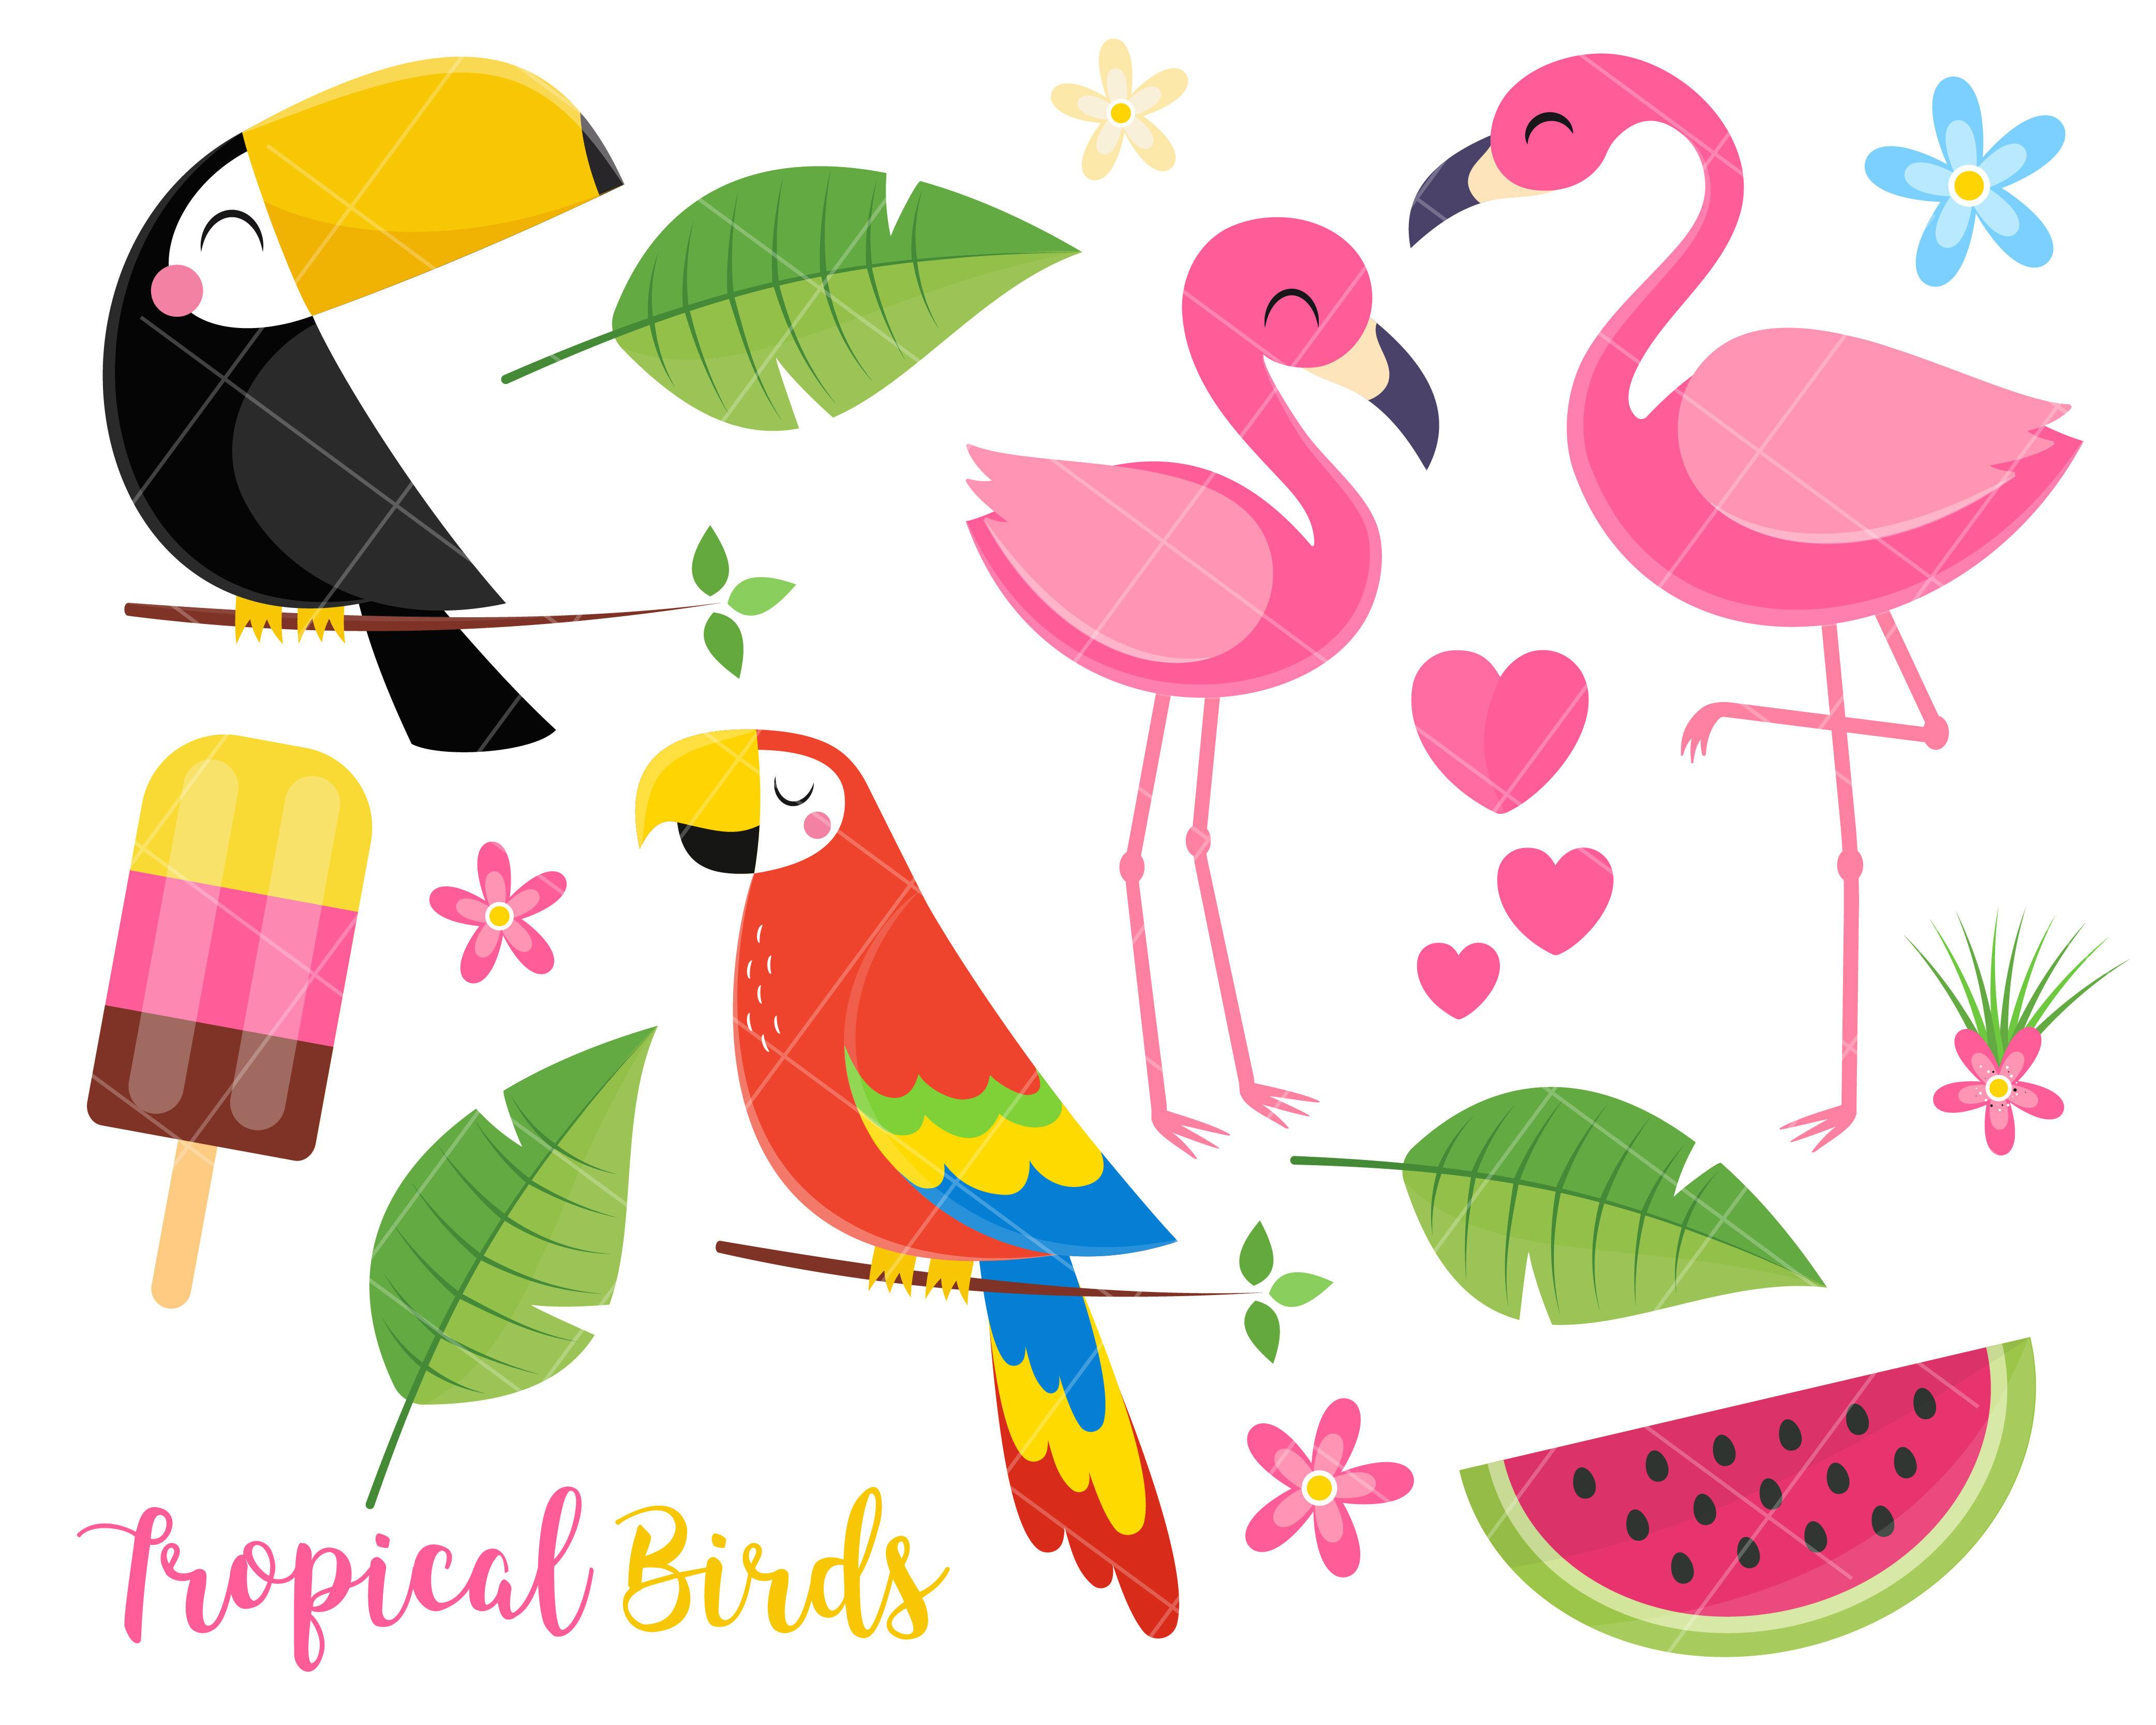 Tropical Summer Clipart Toucan Birds Flamingo Parrot Tropical